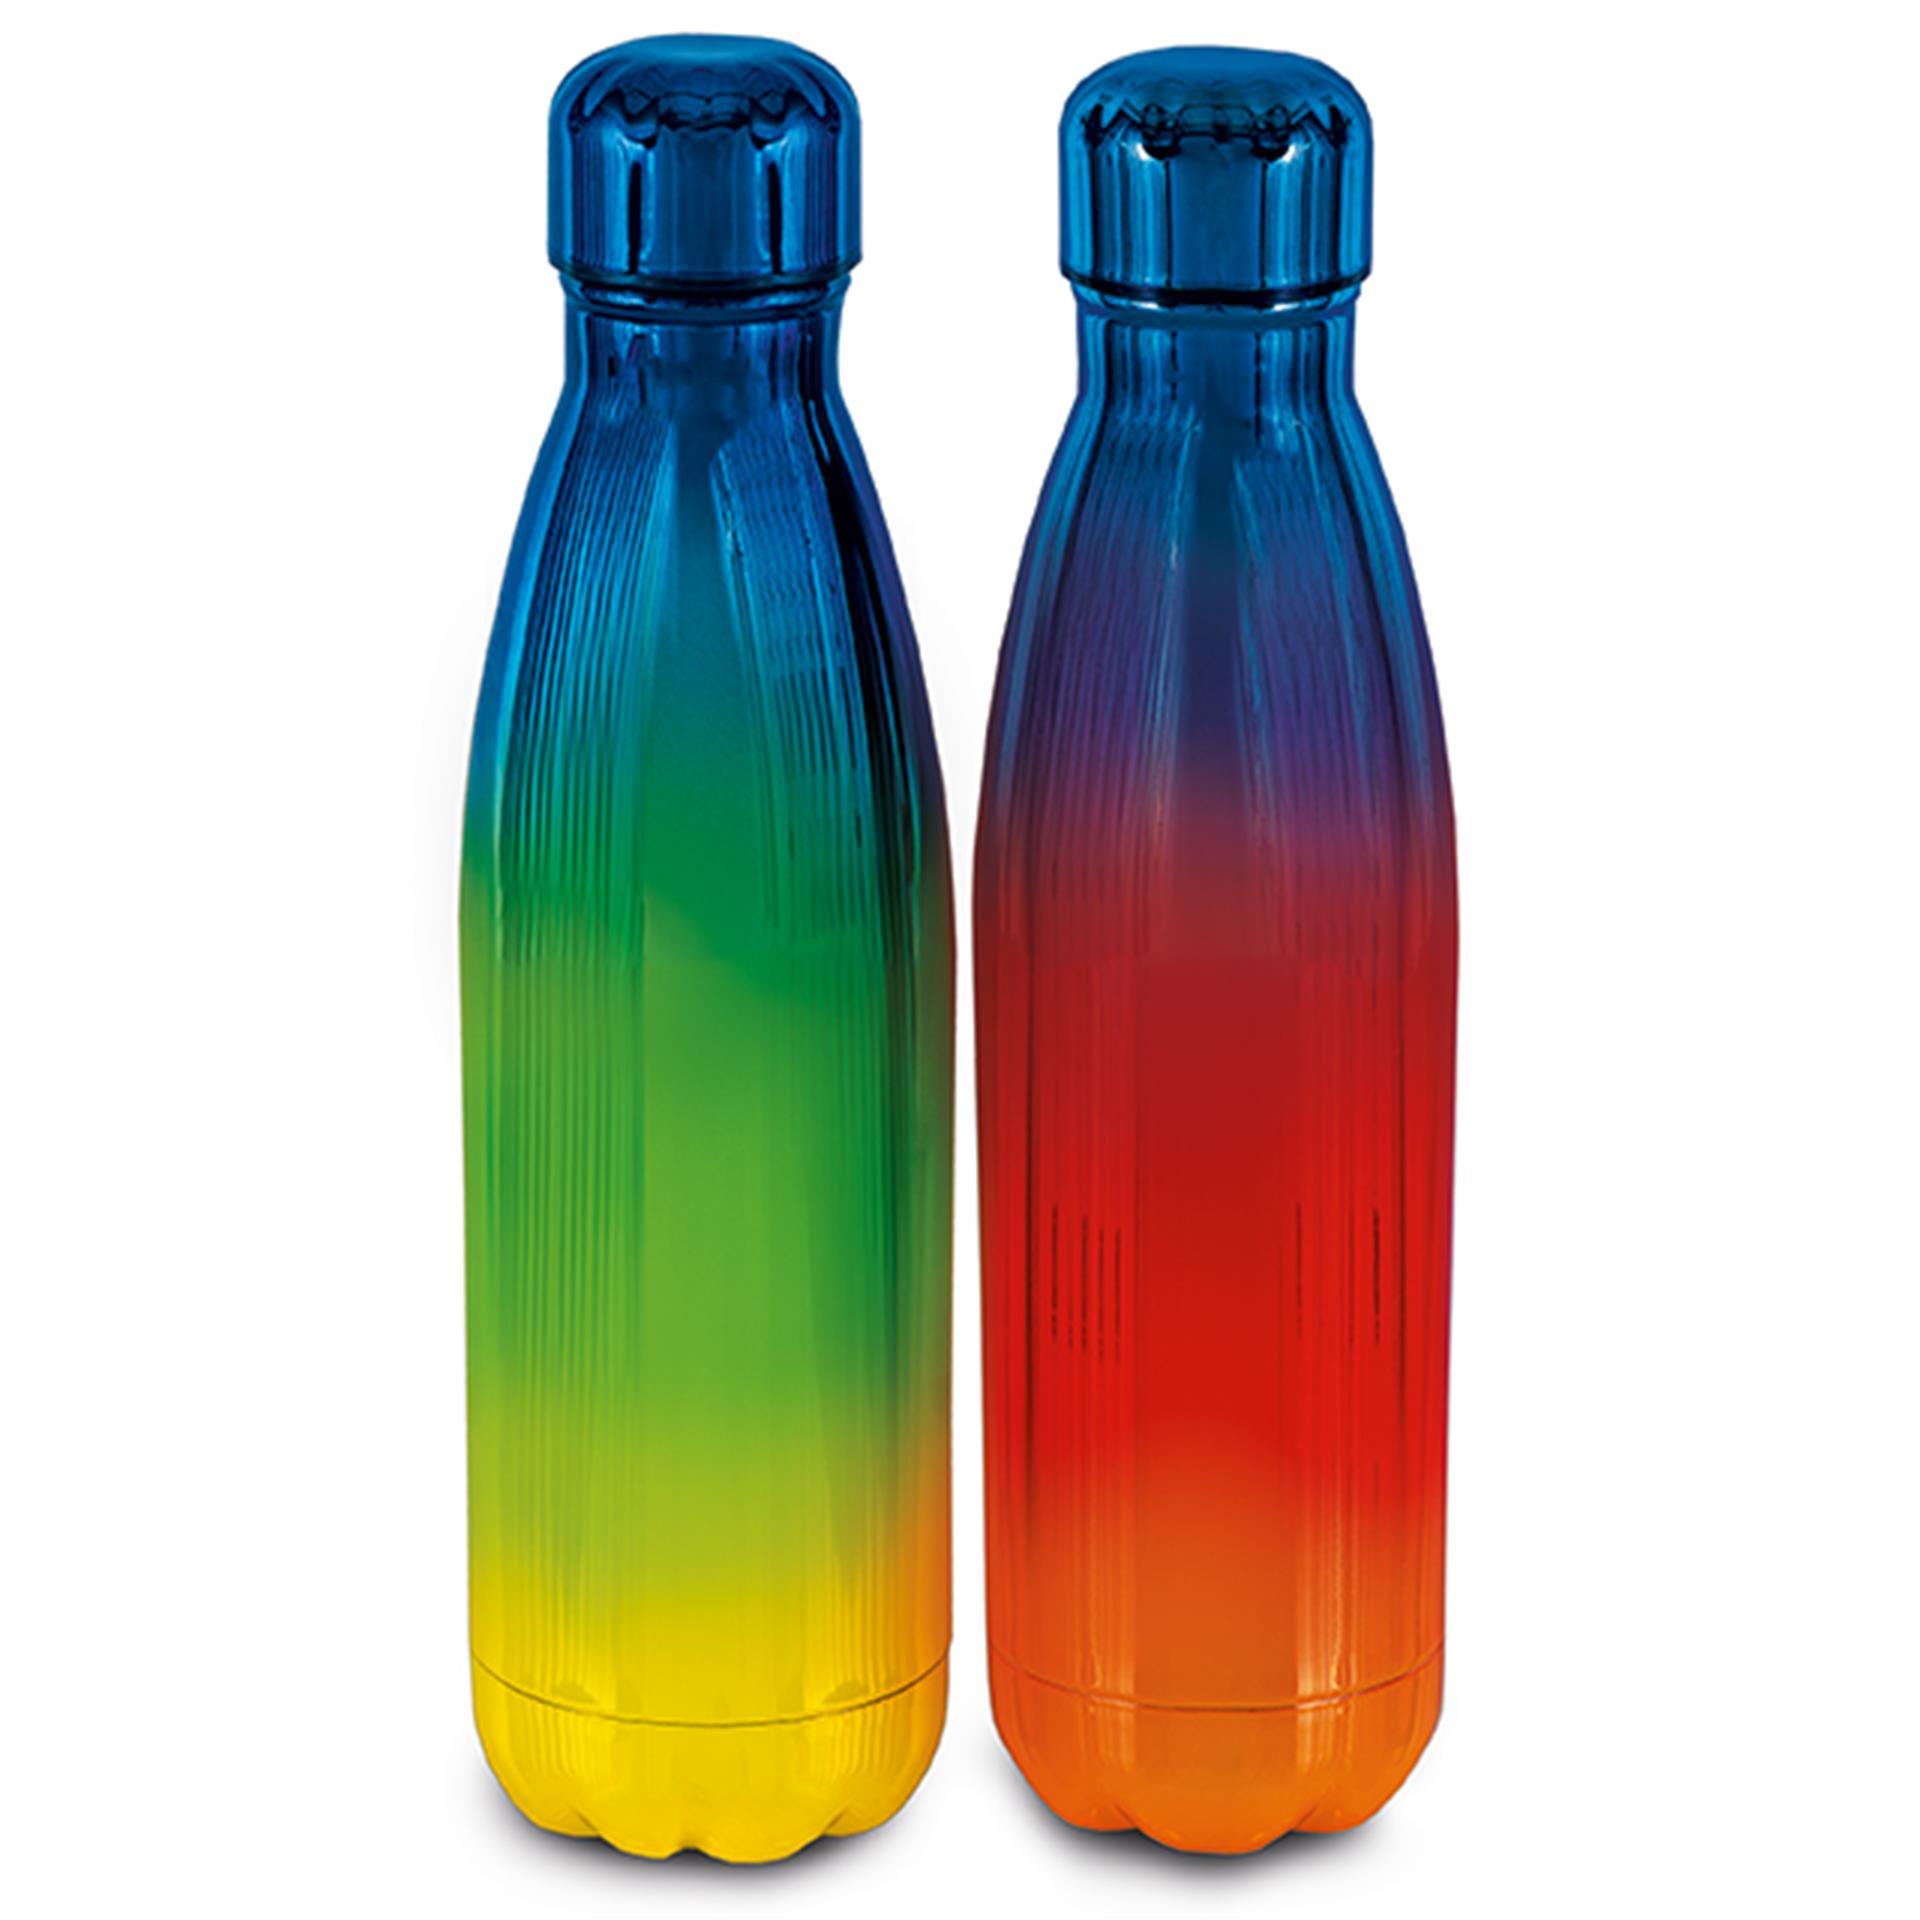 Edelstahl Design Trinkflaschen 2 Stk.